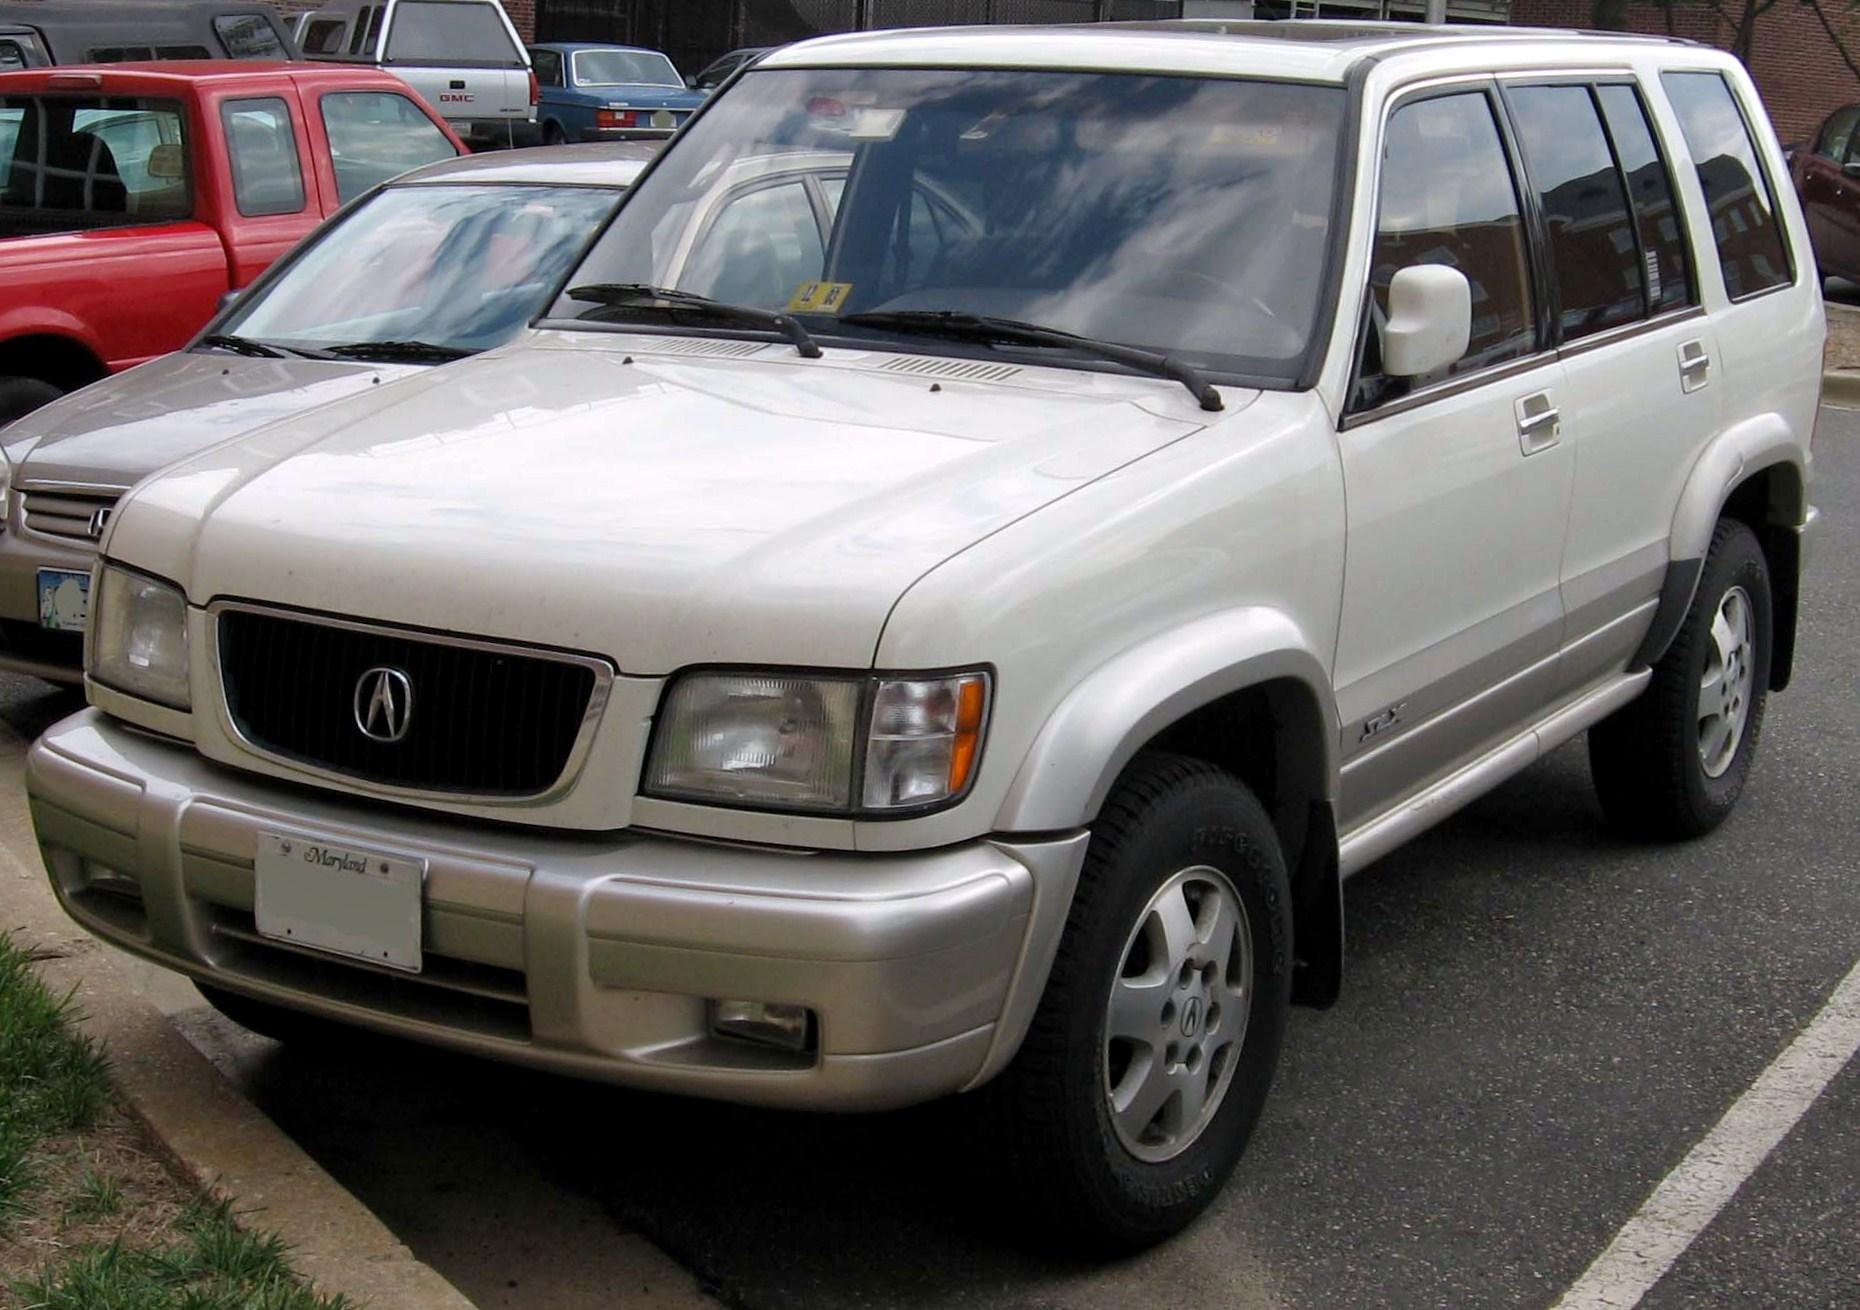 Honda Horizon 1994 - 1999 SUV 5 door #8